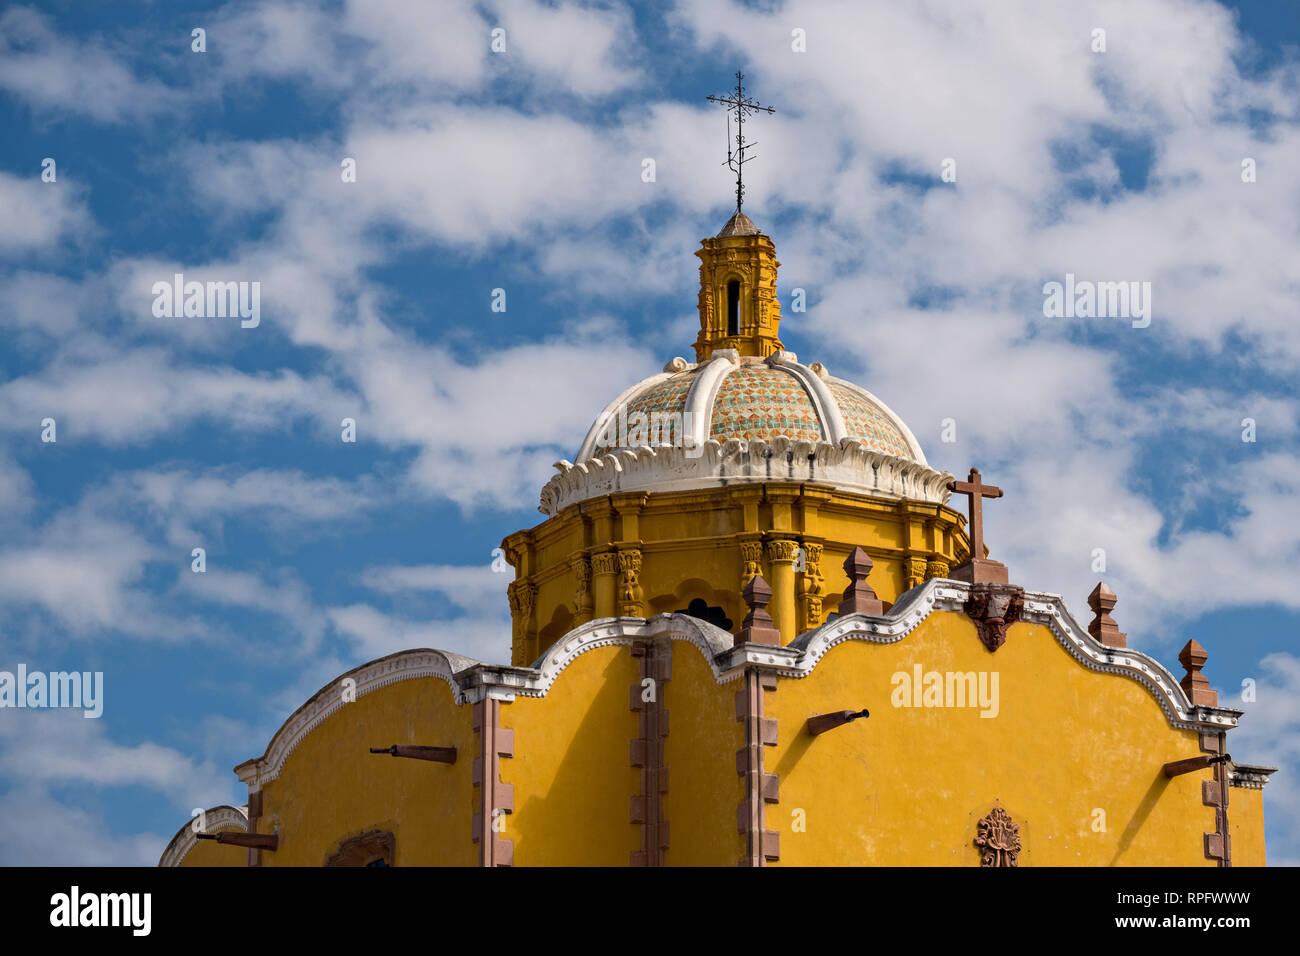 Le dôme de l'Aranzazu Chapelle et couvent San Francisco, sur la place de Aranzazu dans la capitale de l'État de San Luis Potosi, au Mexique. La chapelle et le couvent a été construit entre 1749 et 1760 et dispose d'informations et Churrigueresque dômes. Banque D'Images